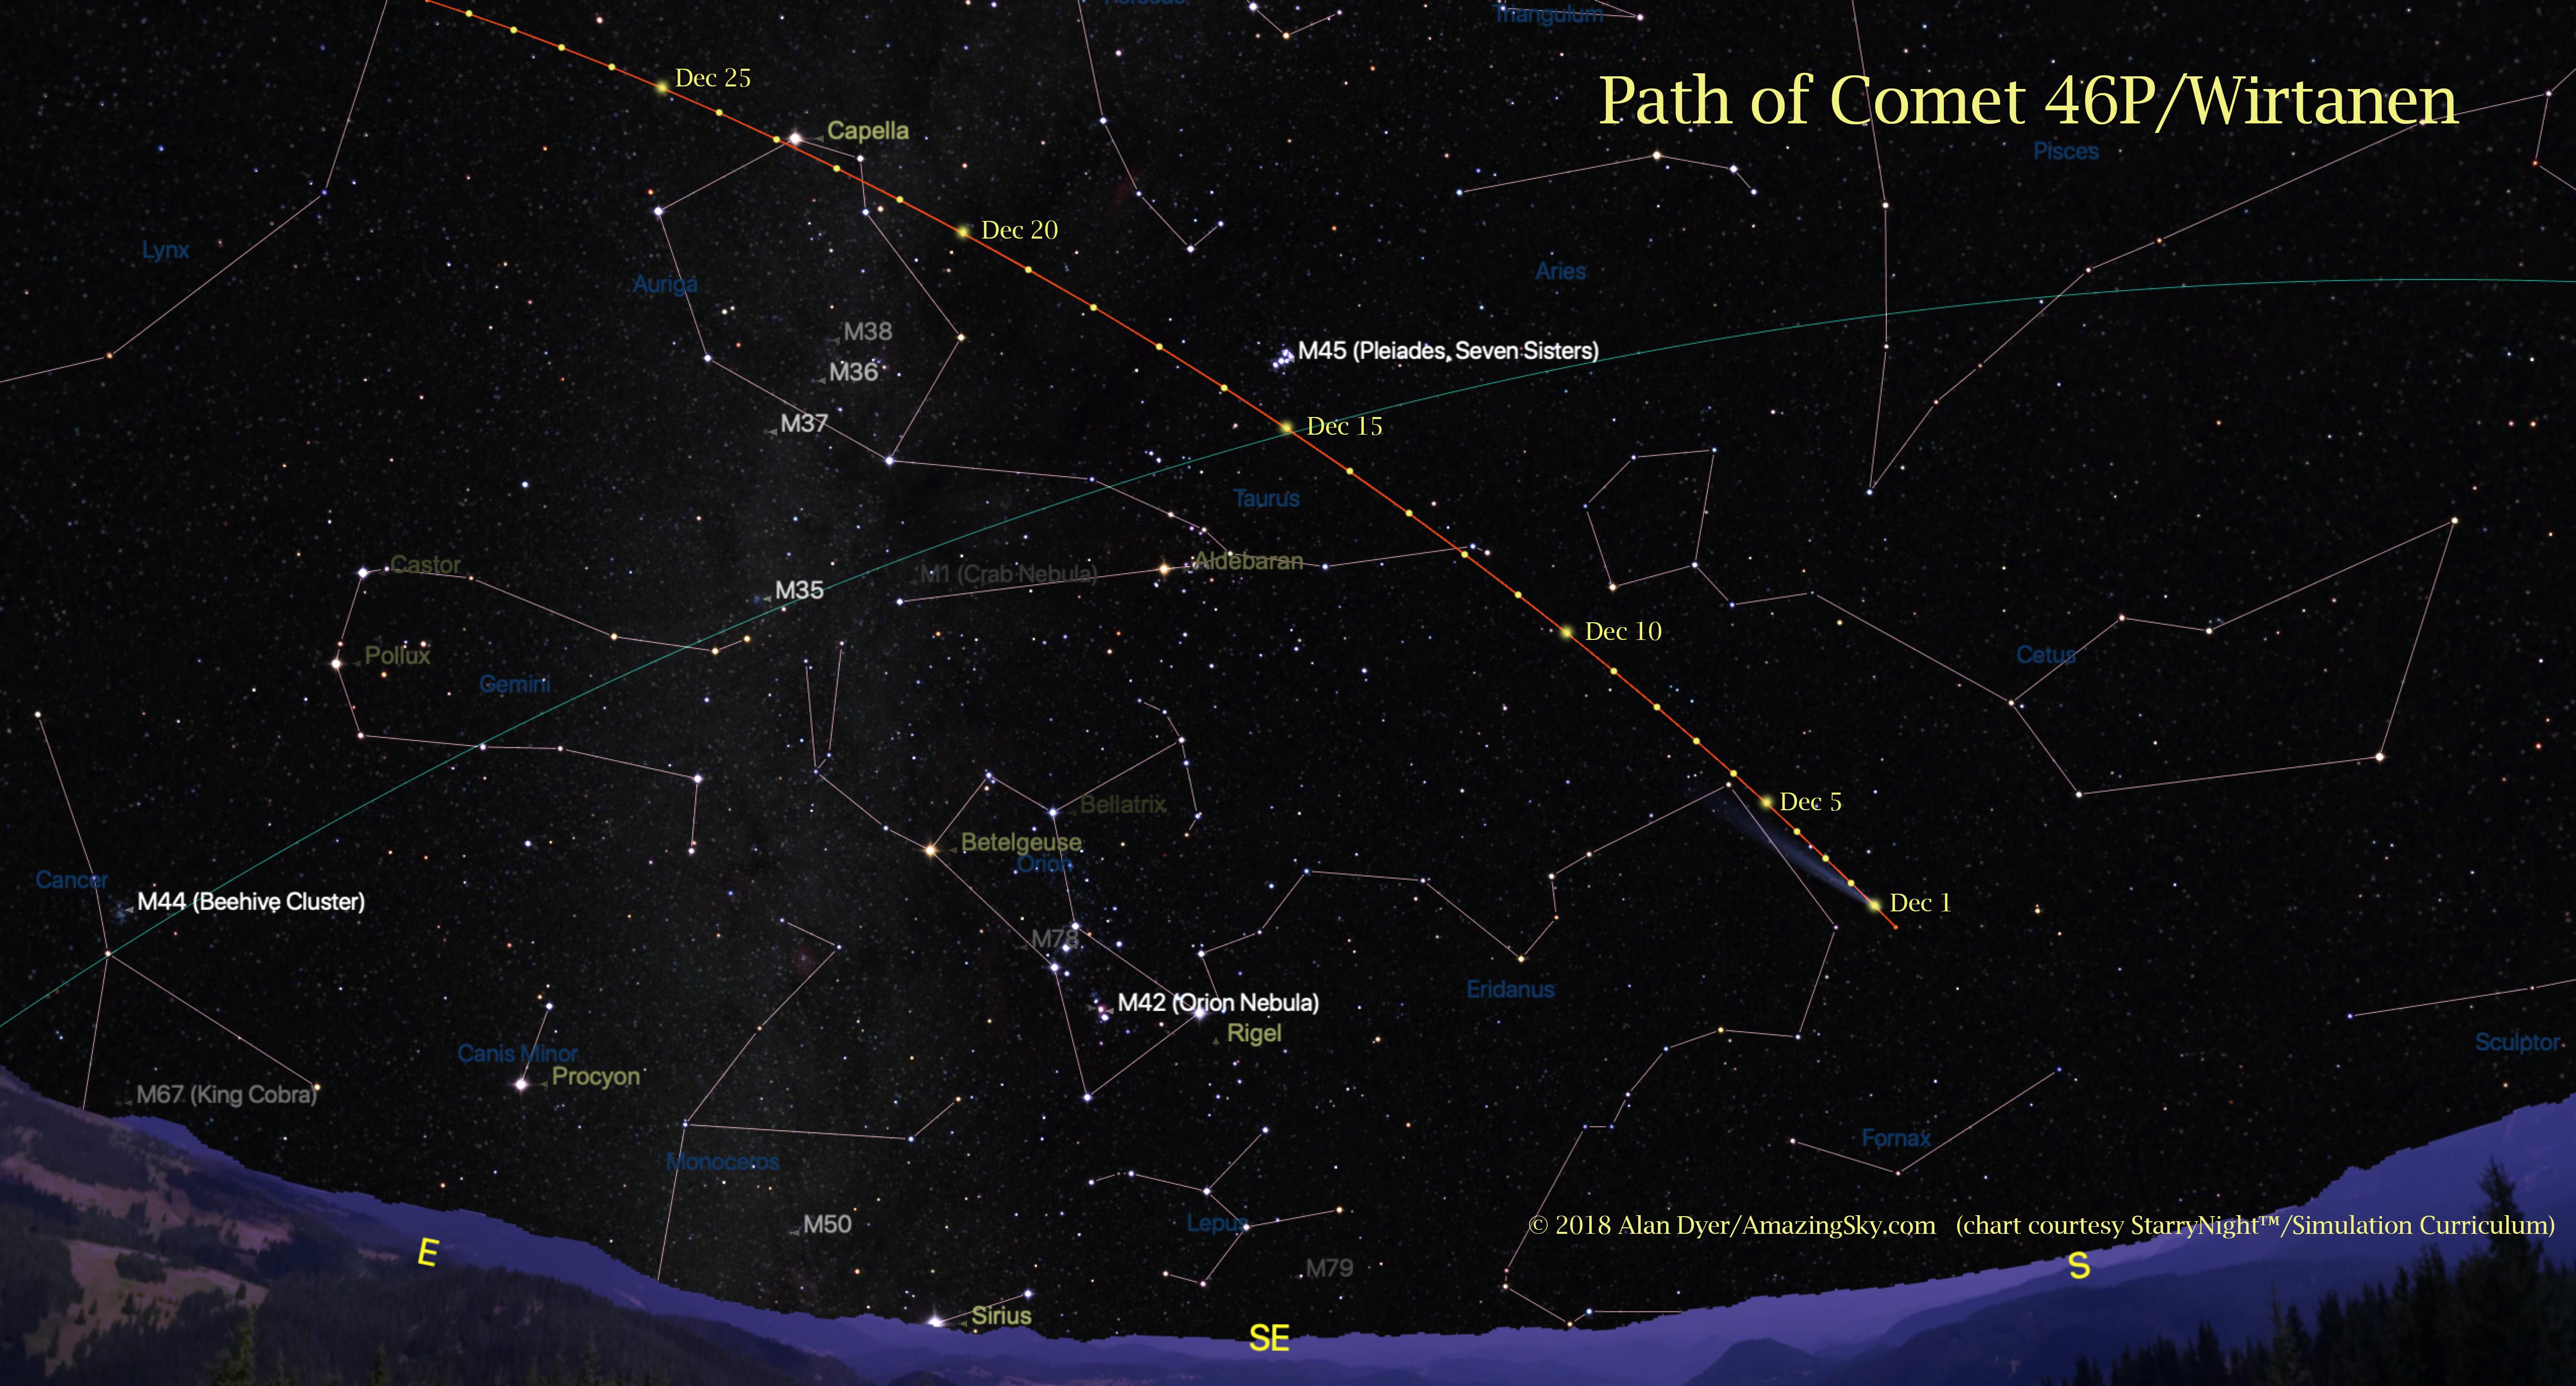 Comet Wirtanen Path